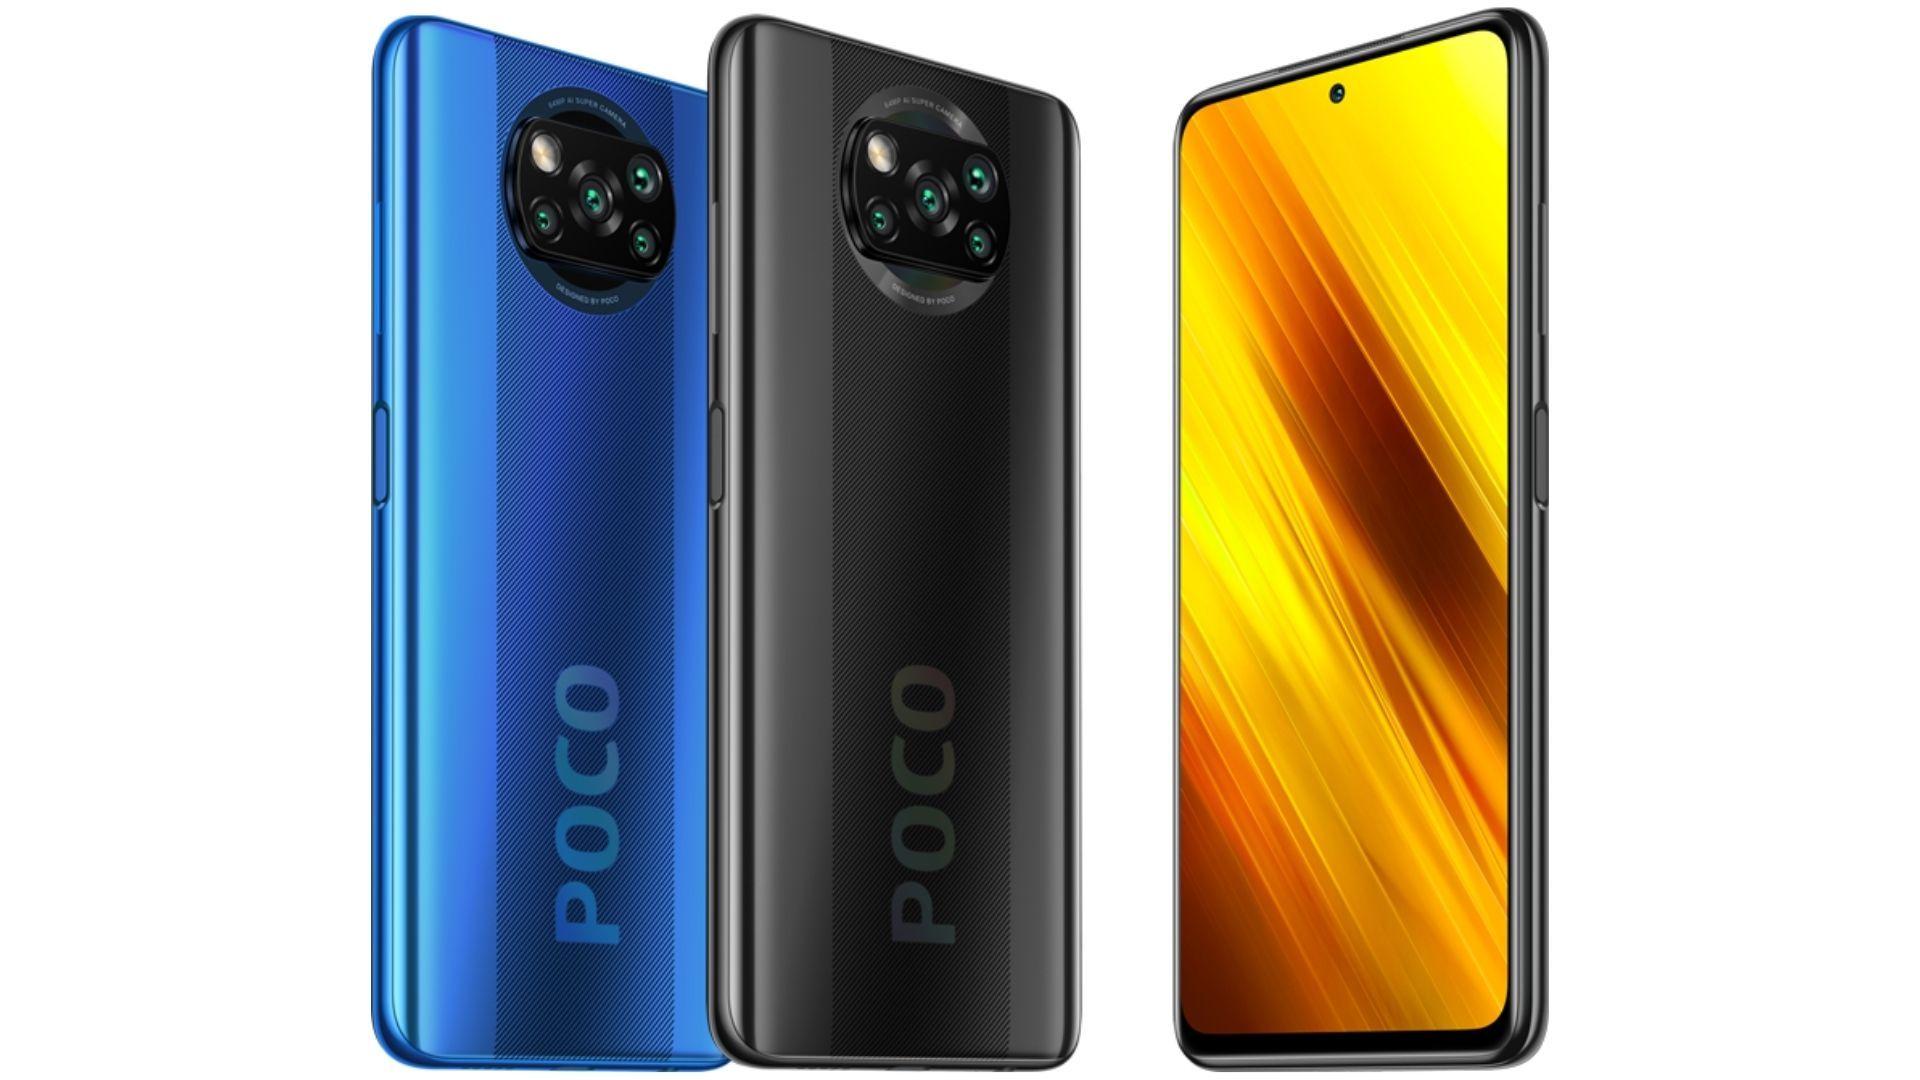 Dois modelos do Poco X3 NFC em pé em um fundo branco mostrando a traseira e outro modelo em pé mostrando a frontal